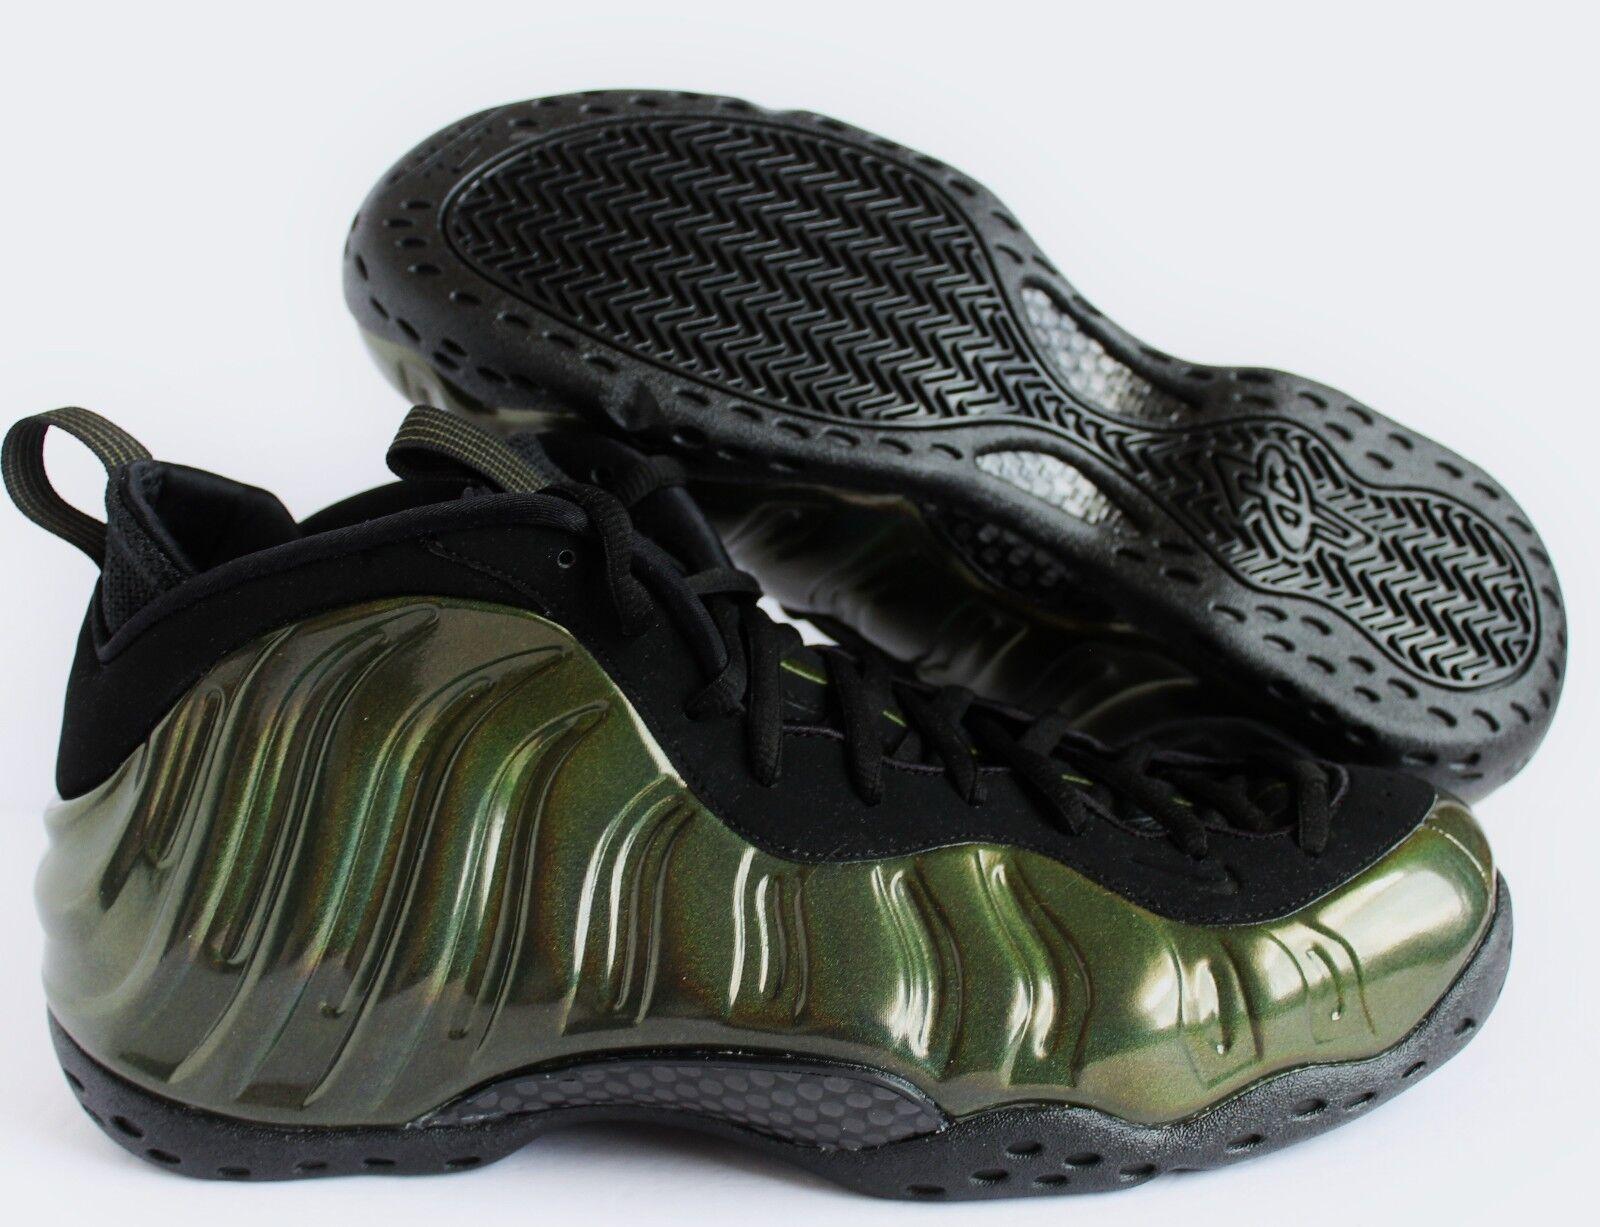 quality design eb229 c7dcf ... shoes 624041 604 a68a4 257f4  switzerland nike air foamposite une  légion vert noir 314996 301 noir sz 15 314996 301 noir